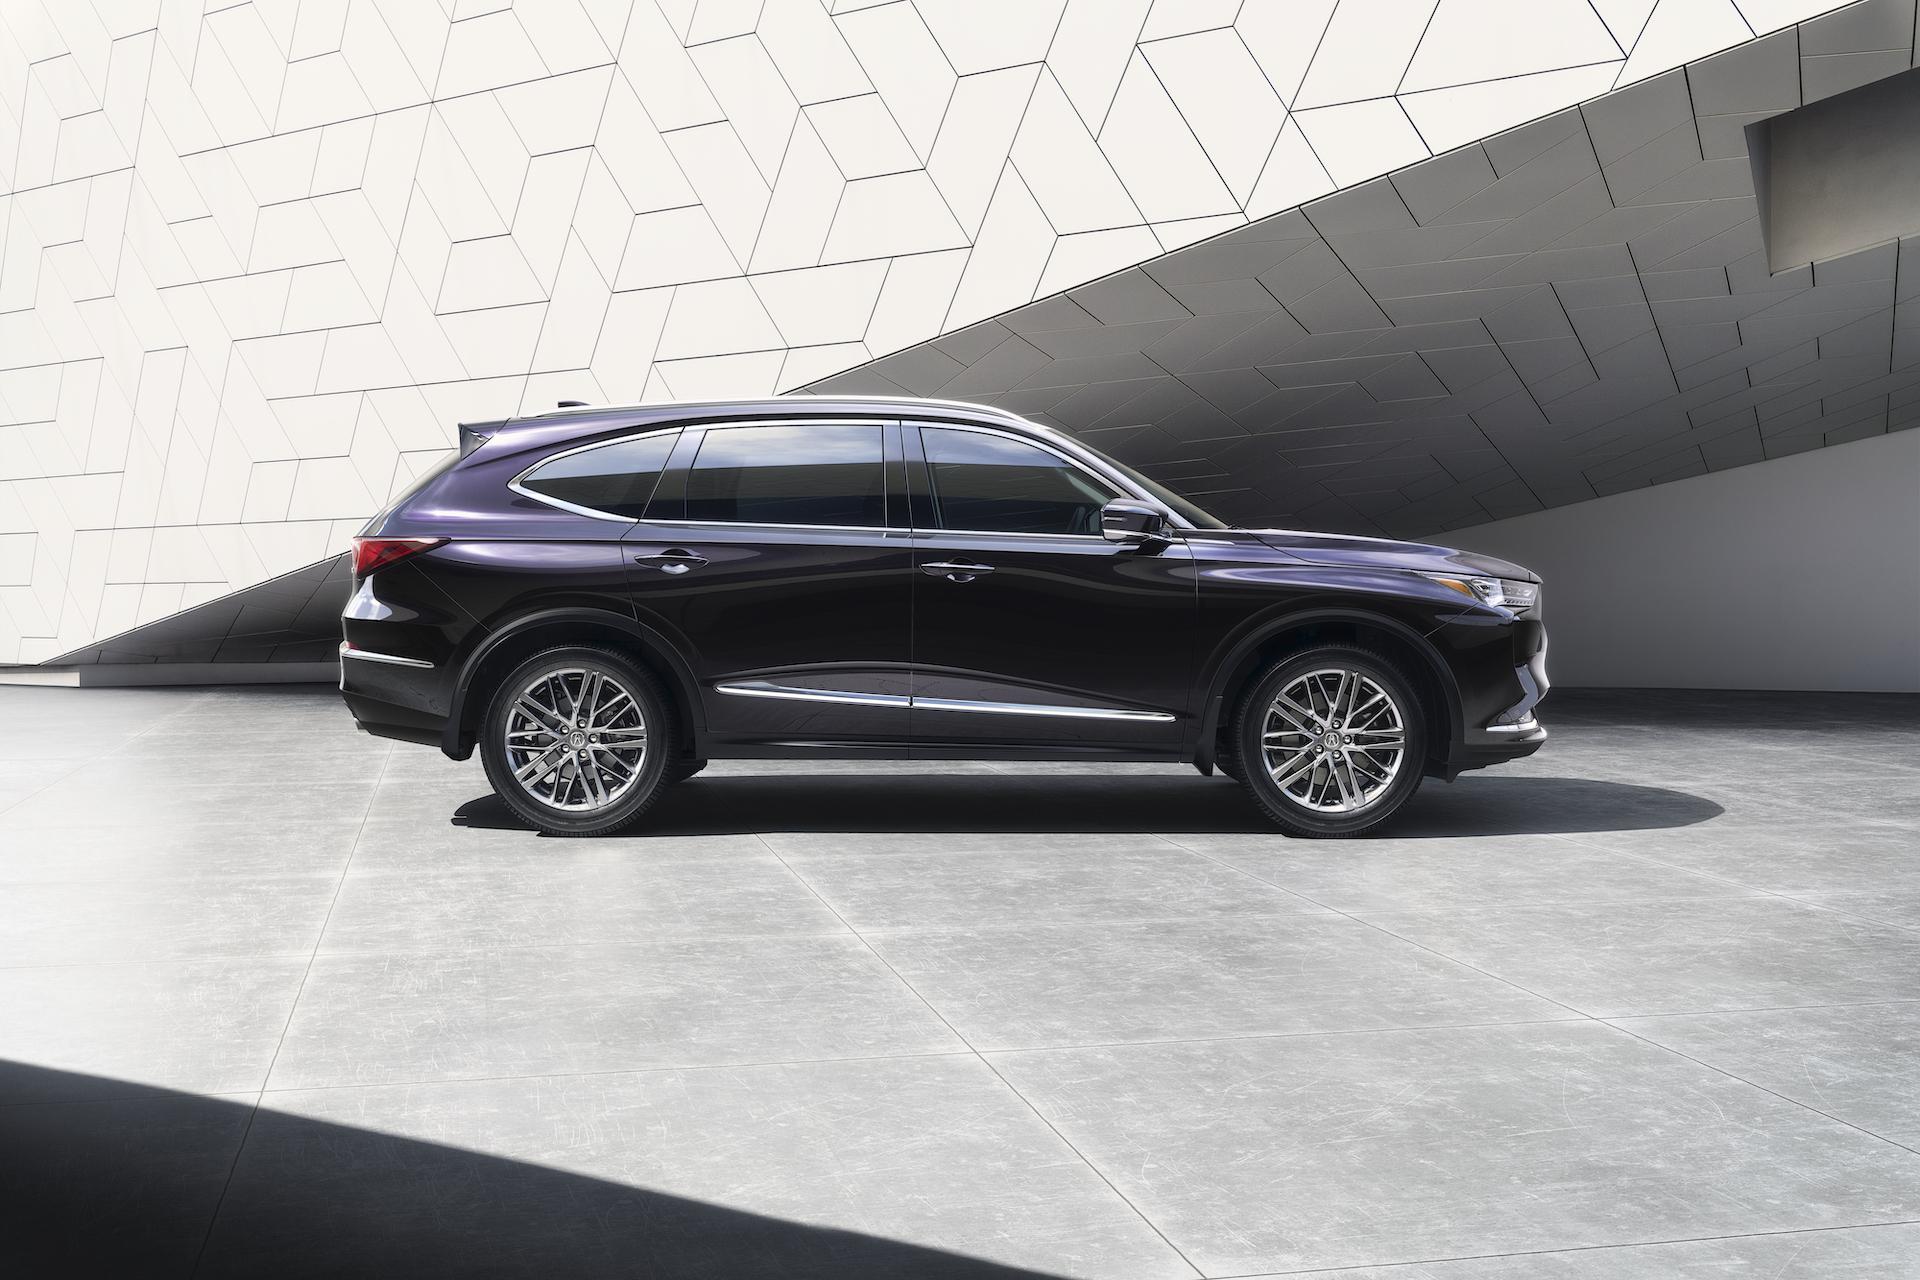 2022 Acura MDX Exterior